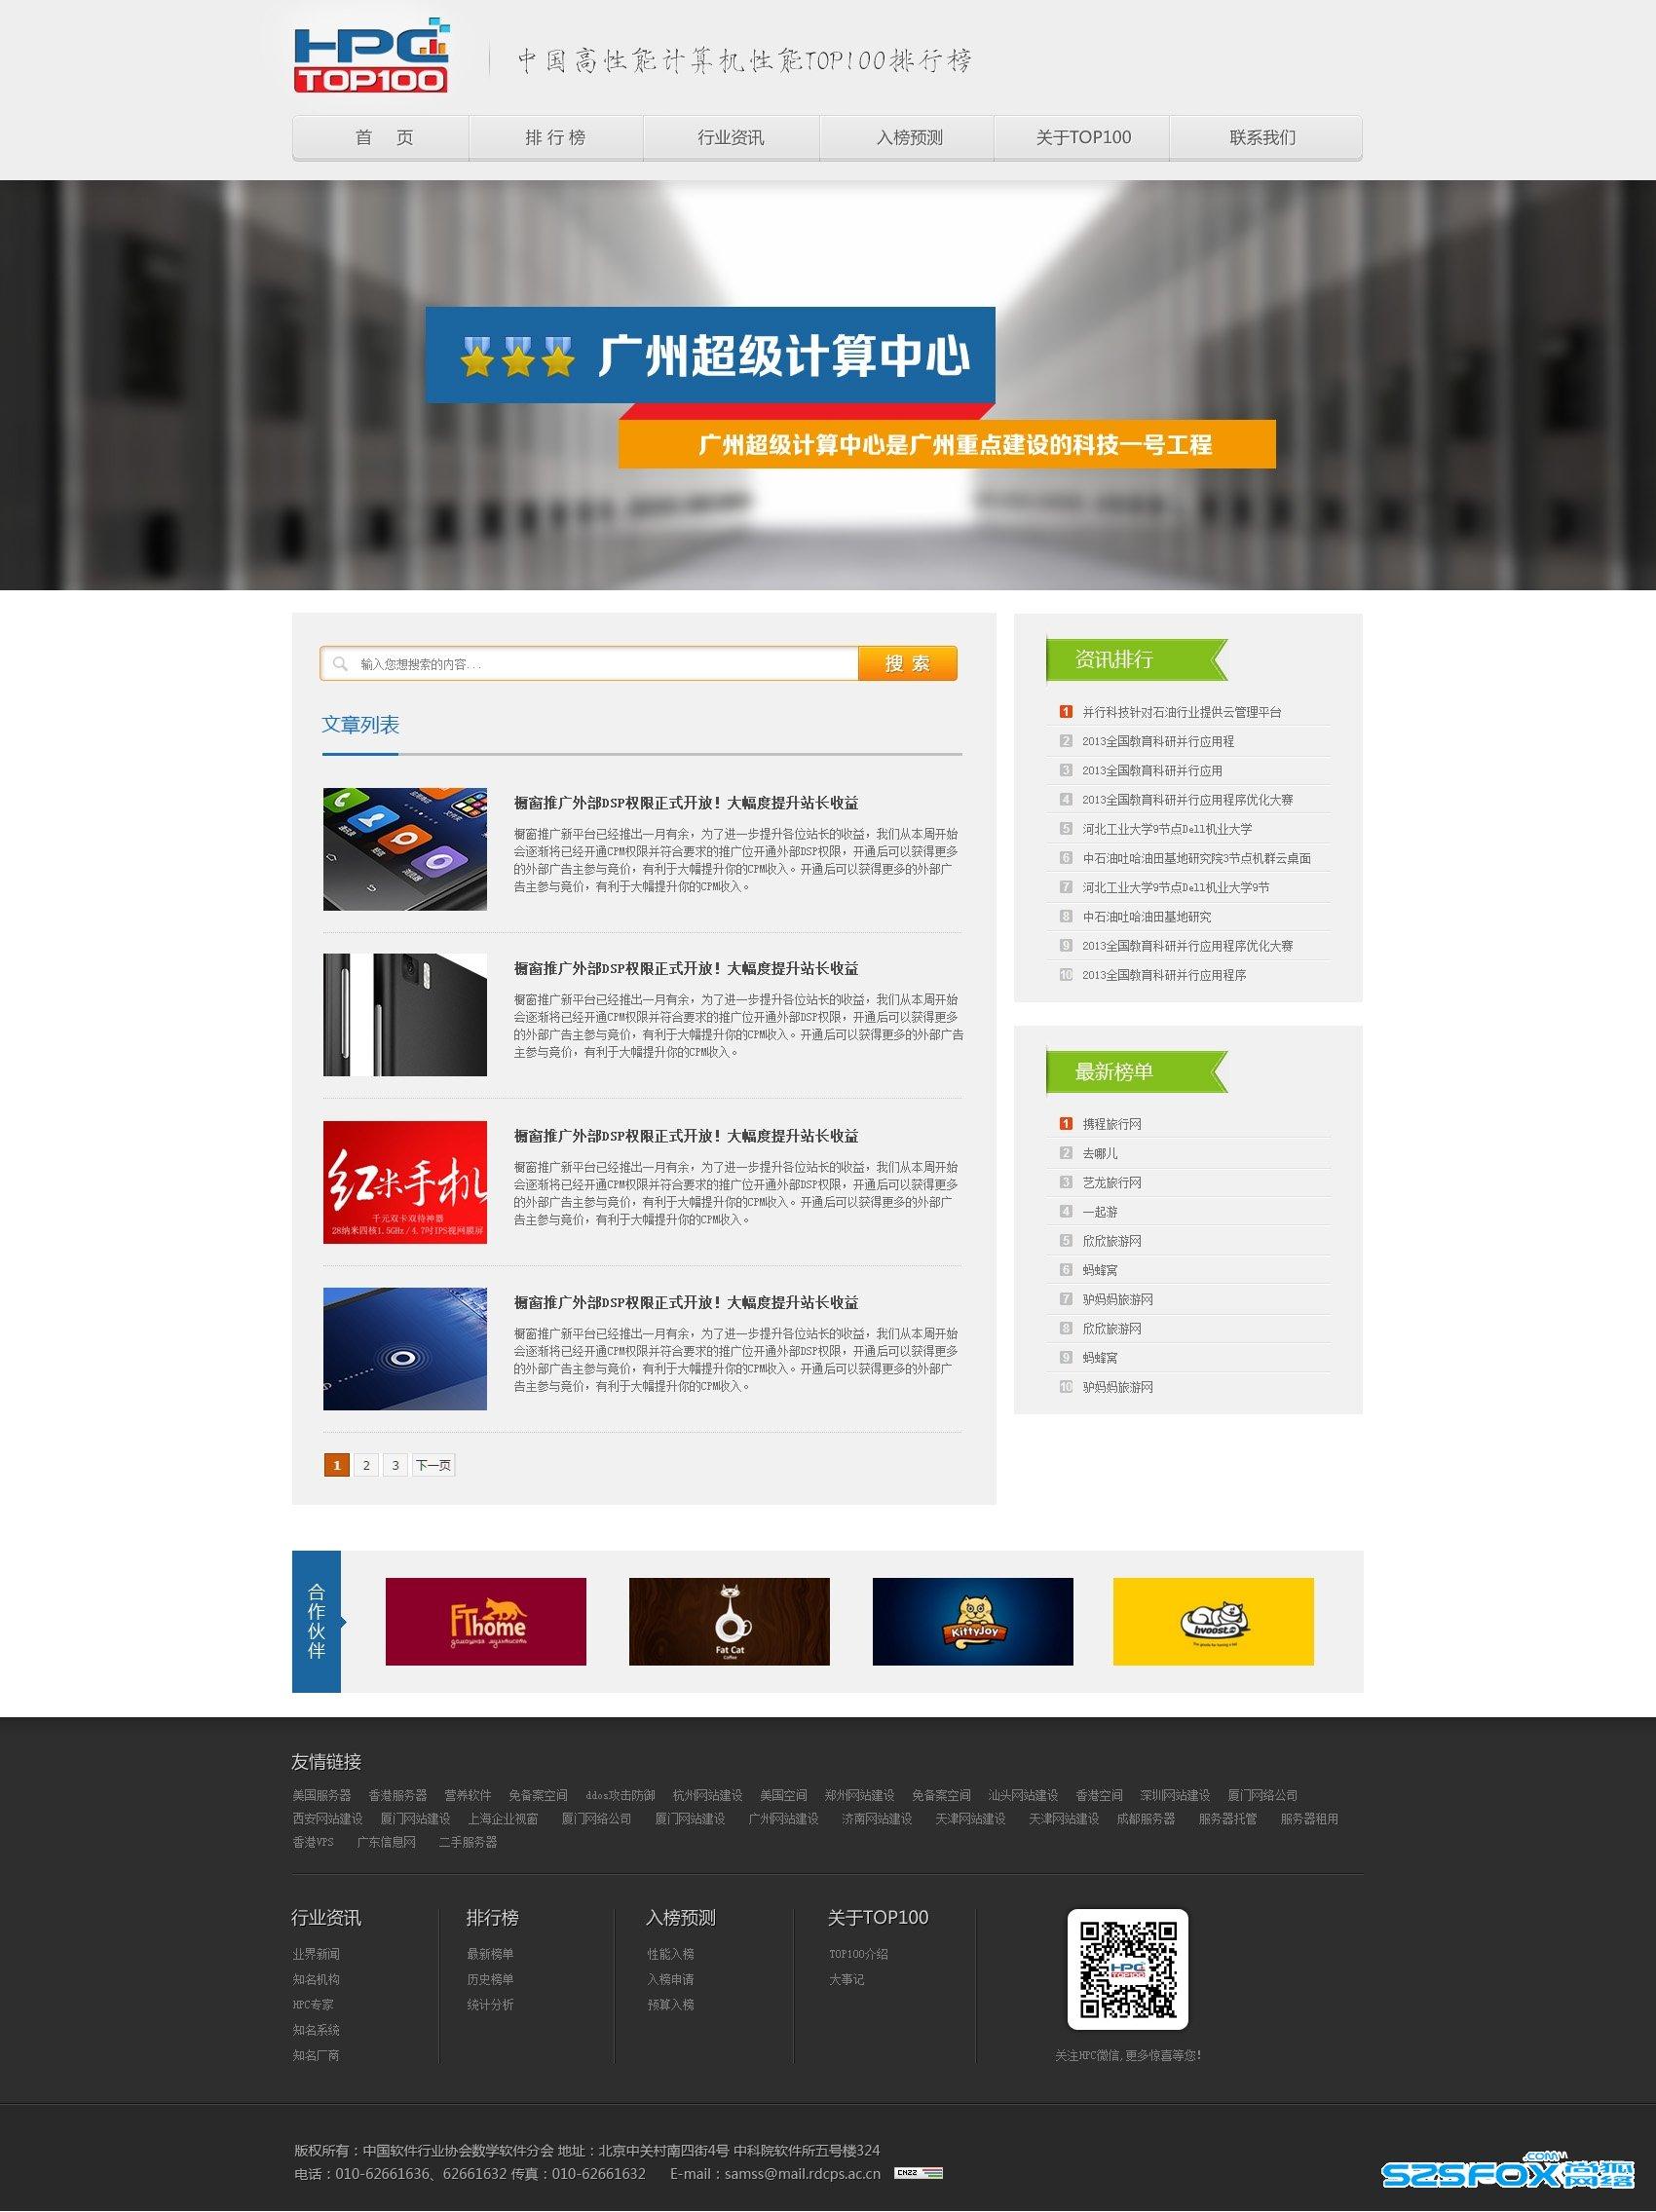 广州超级计算中心官网